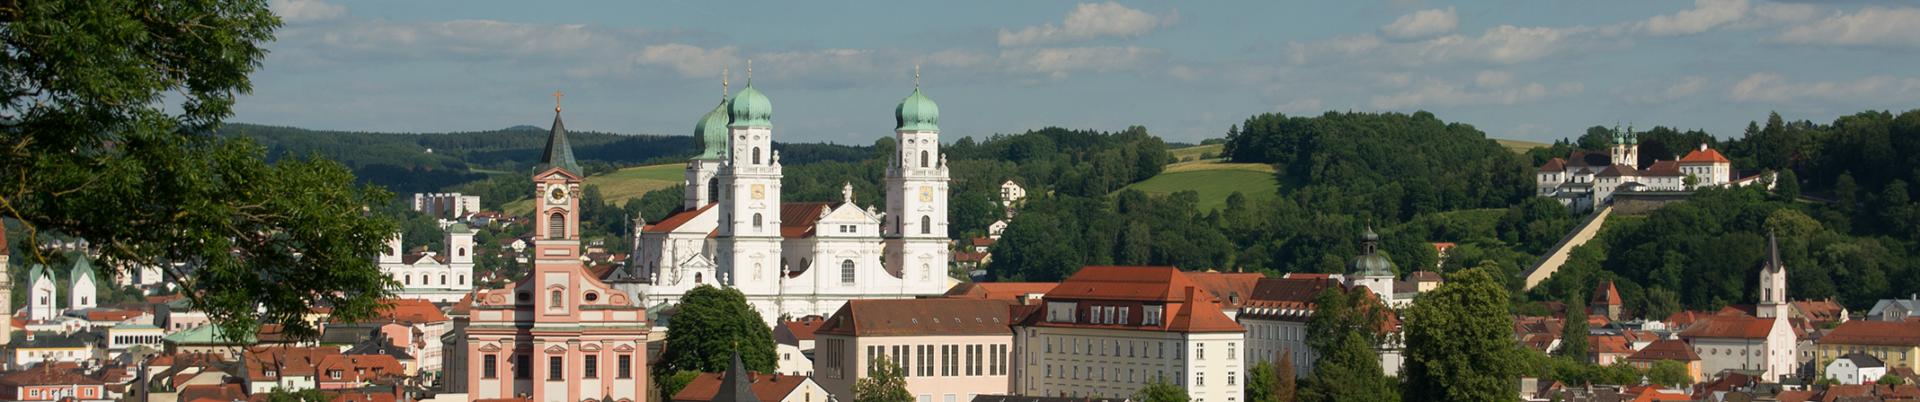 Führungen in Passau und Umgebung